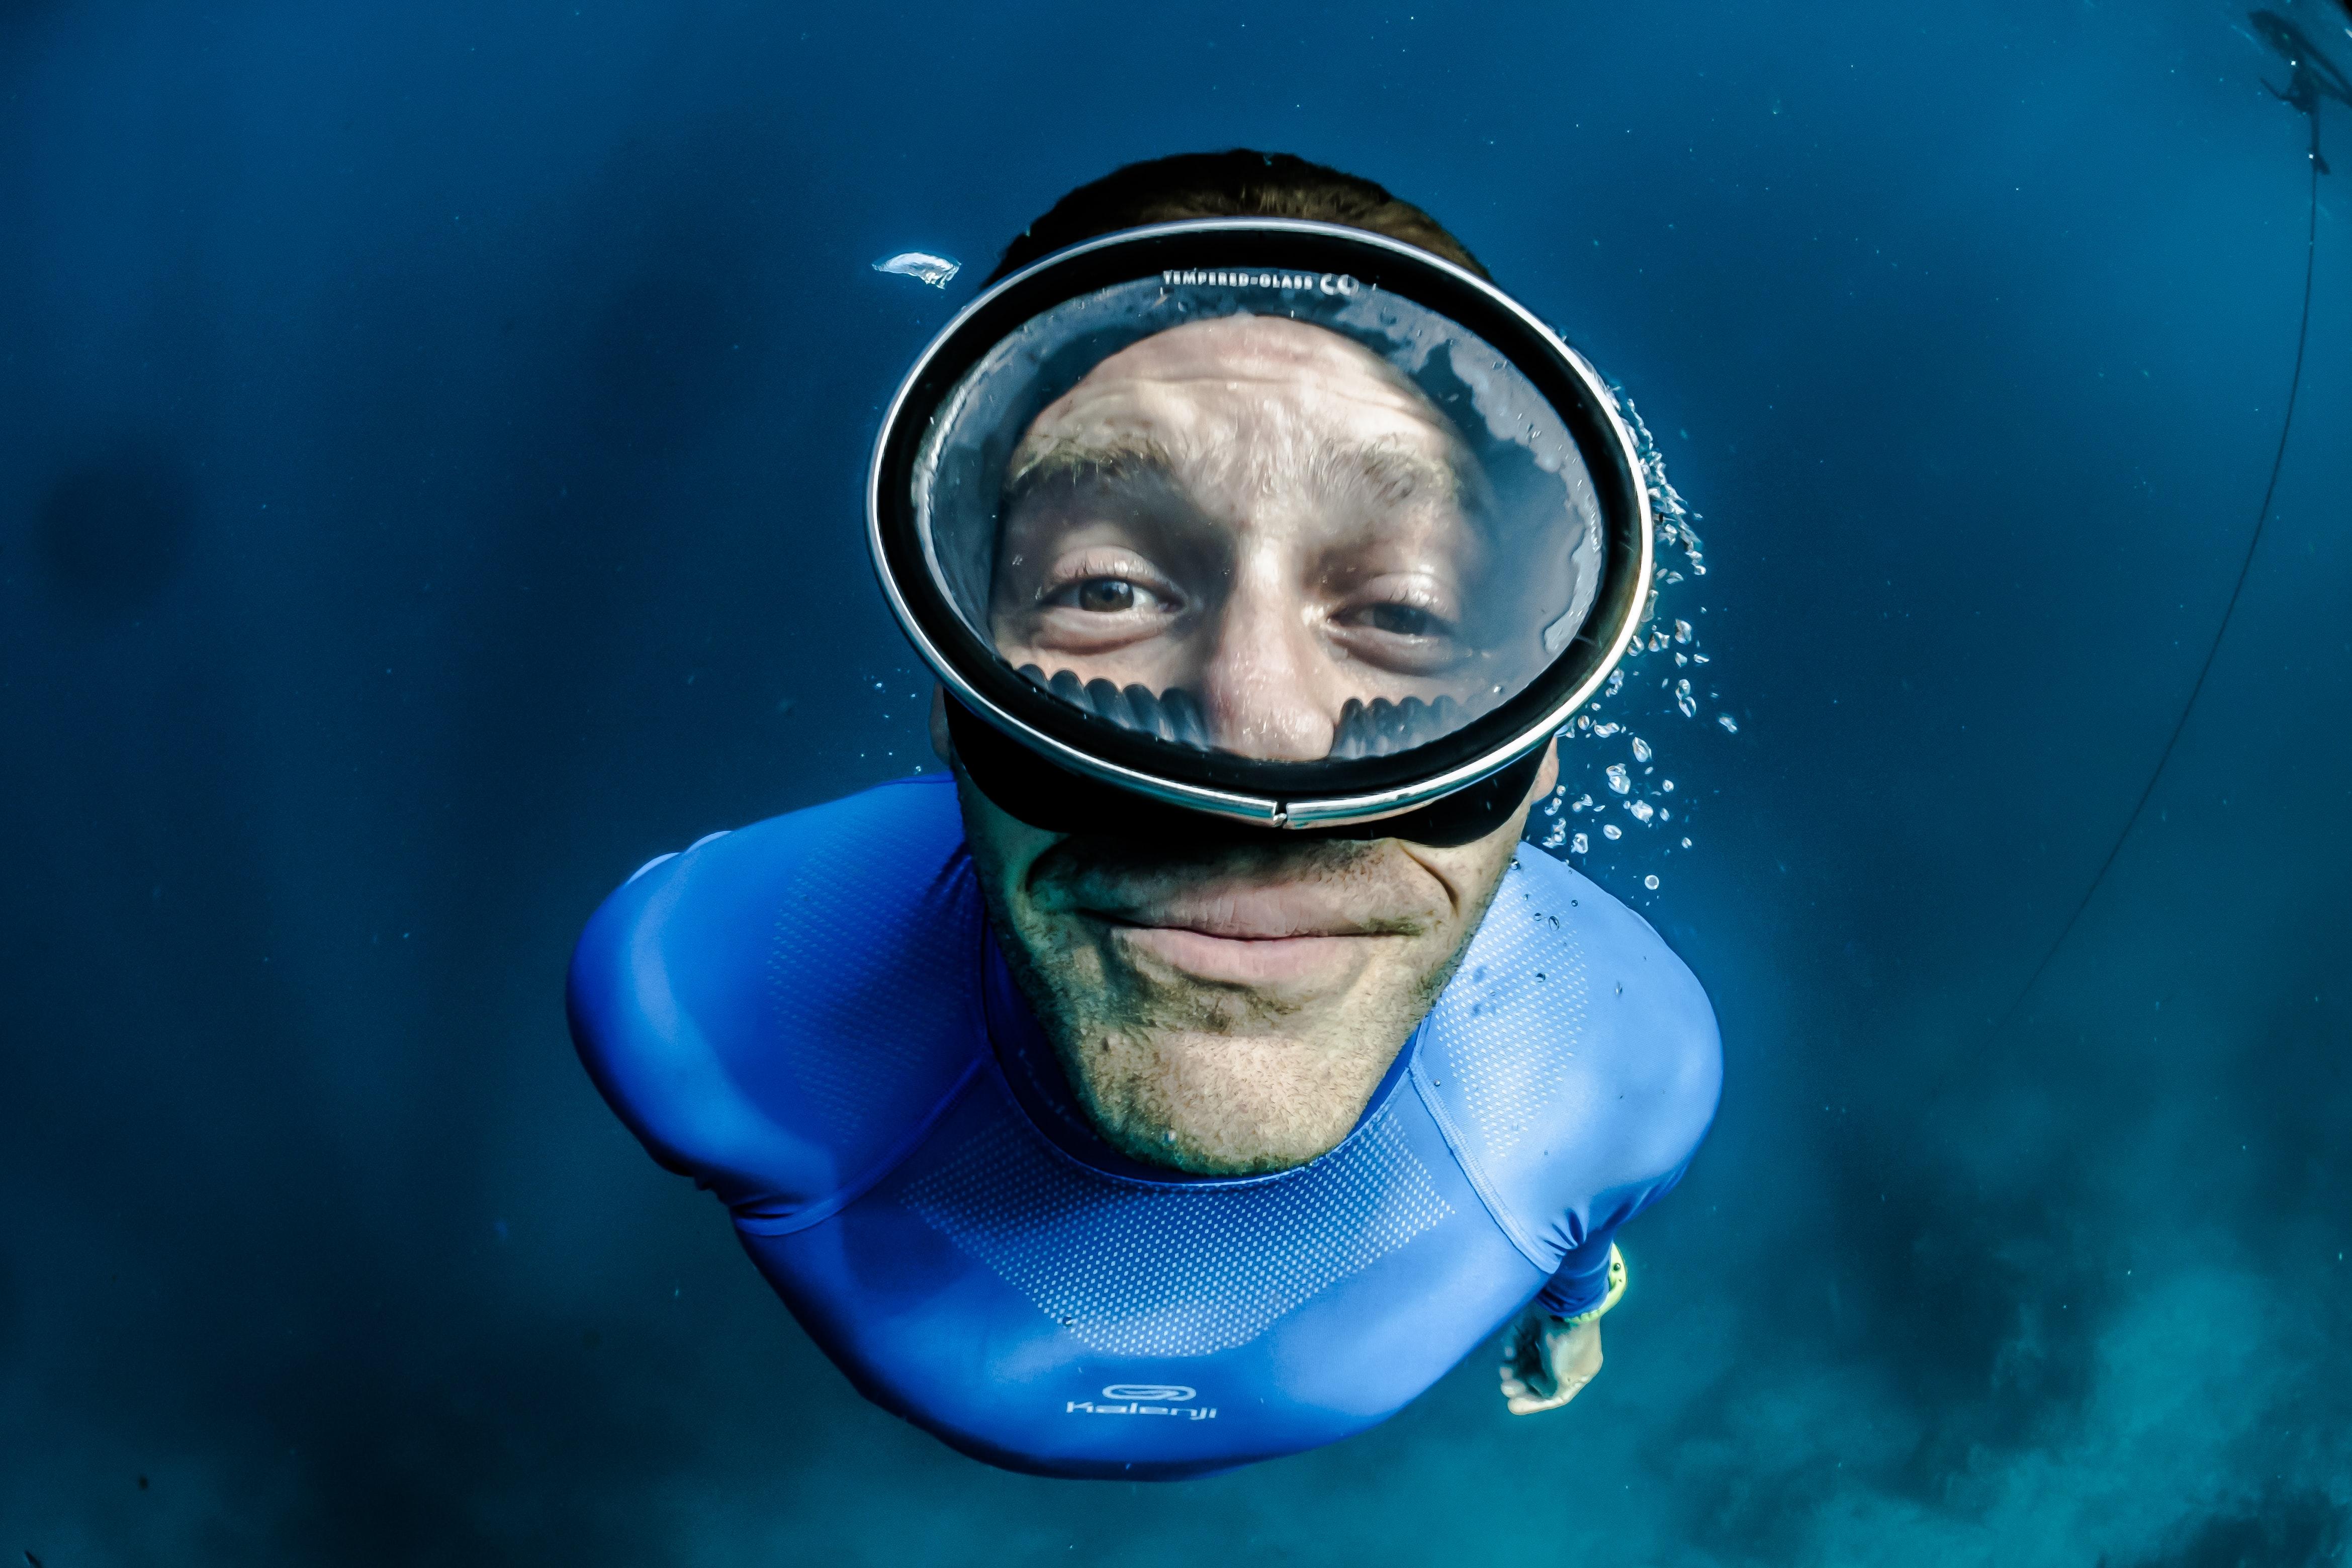 A guy underwater